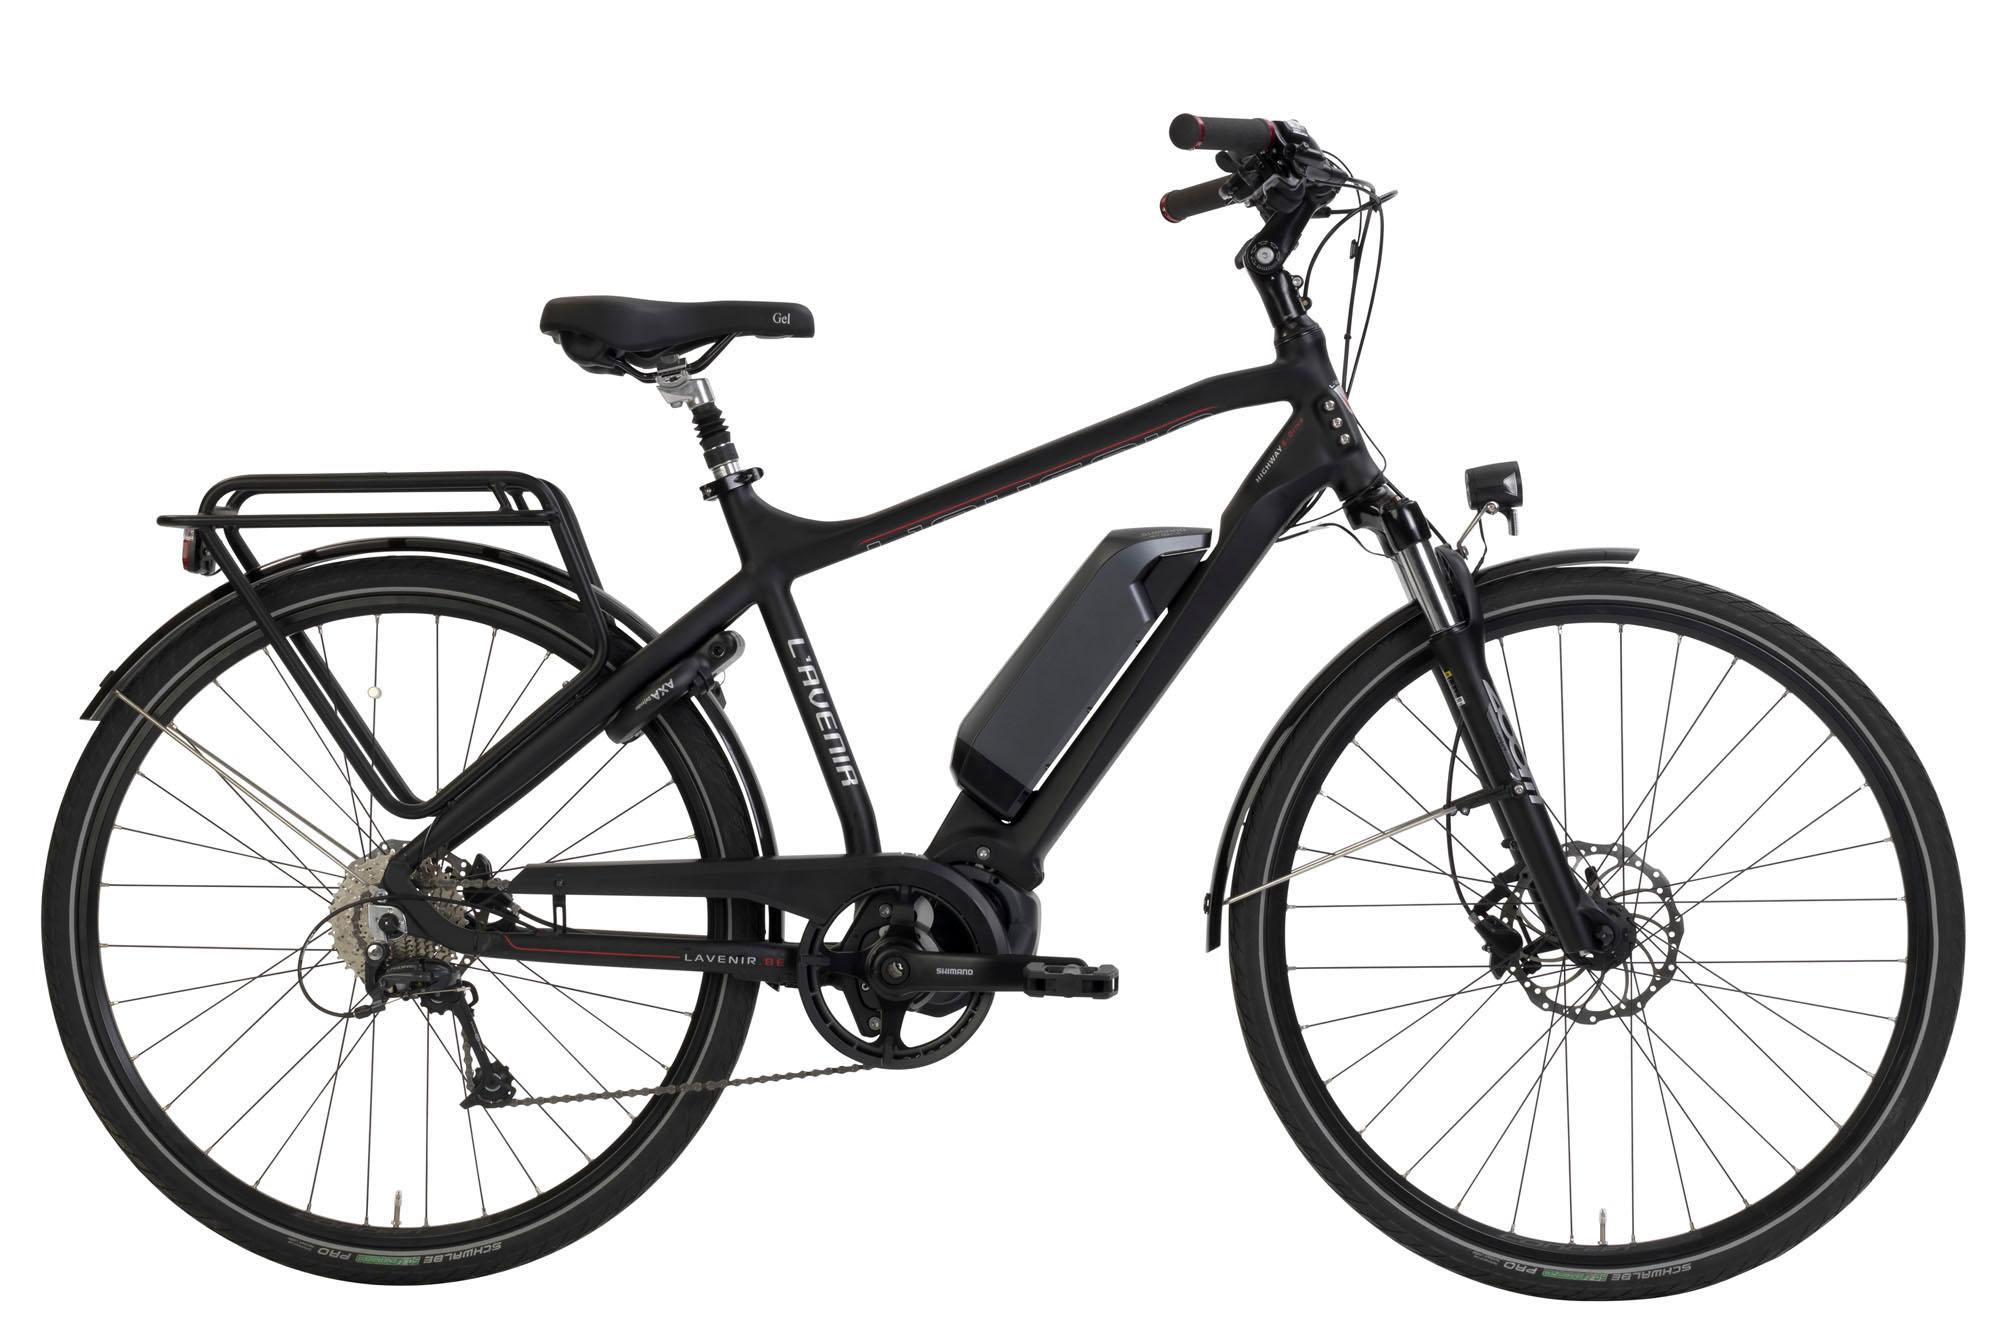 De HIGHWAY is een sportieve e-bike, uitgerust met dekrachtige Shimano E6100 motor, waarmee je moeiteloos hellingen neemt of snelaccelereert. De hydraulische schijfremmen bieden je veilig en optimaal remcomfort.Het gestroomlijnde frame met volledig glad afgewerkte lasnaden geeft deze fietseen dynamisch en strak uiterlijk.